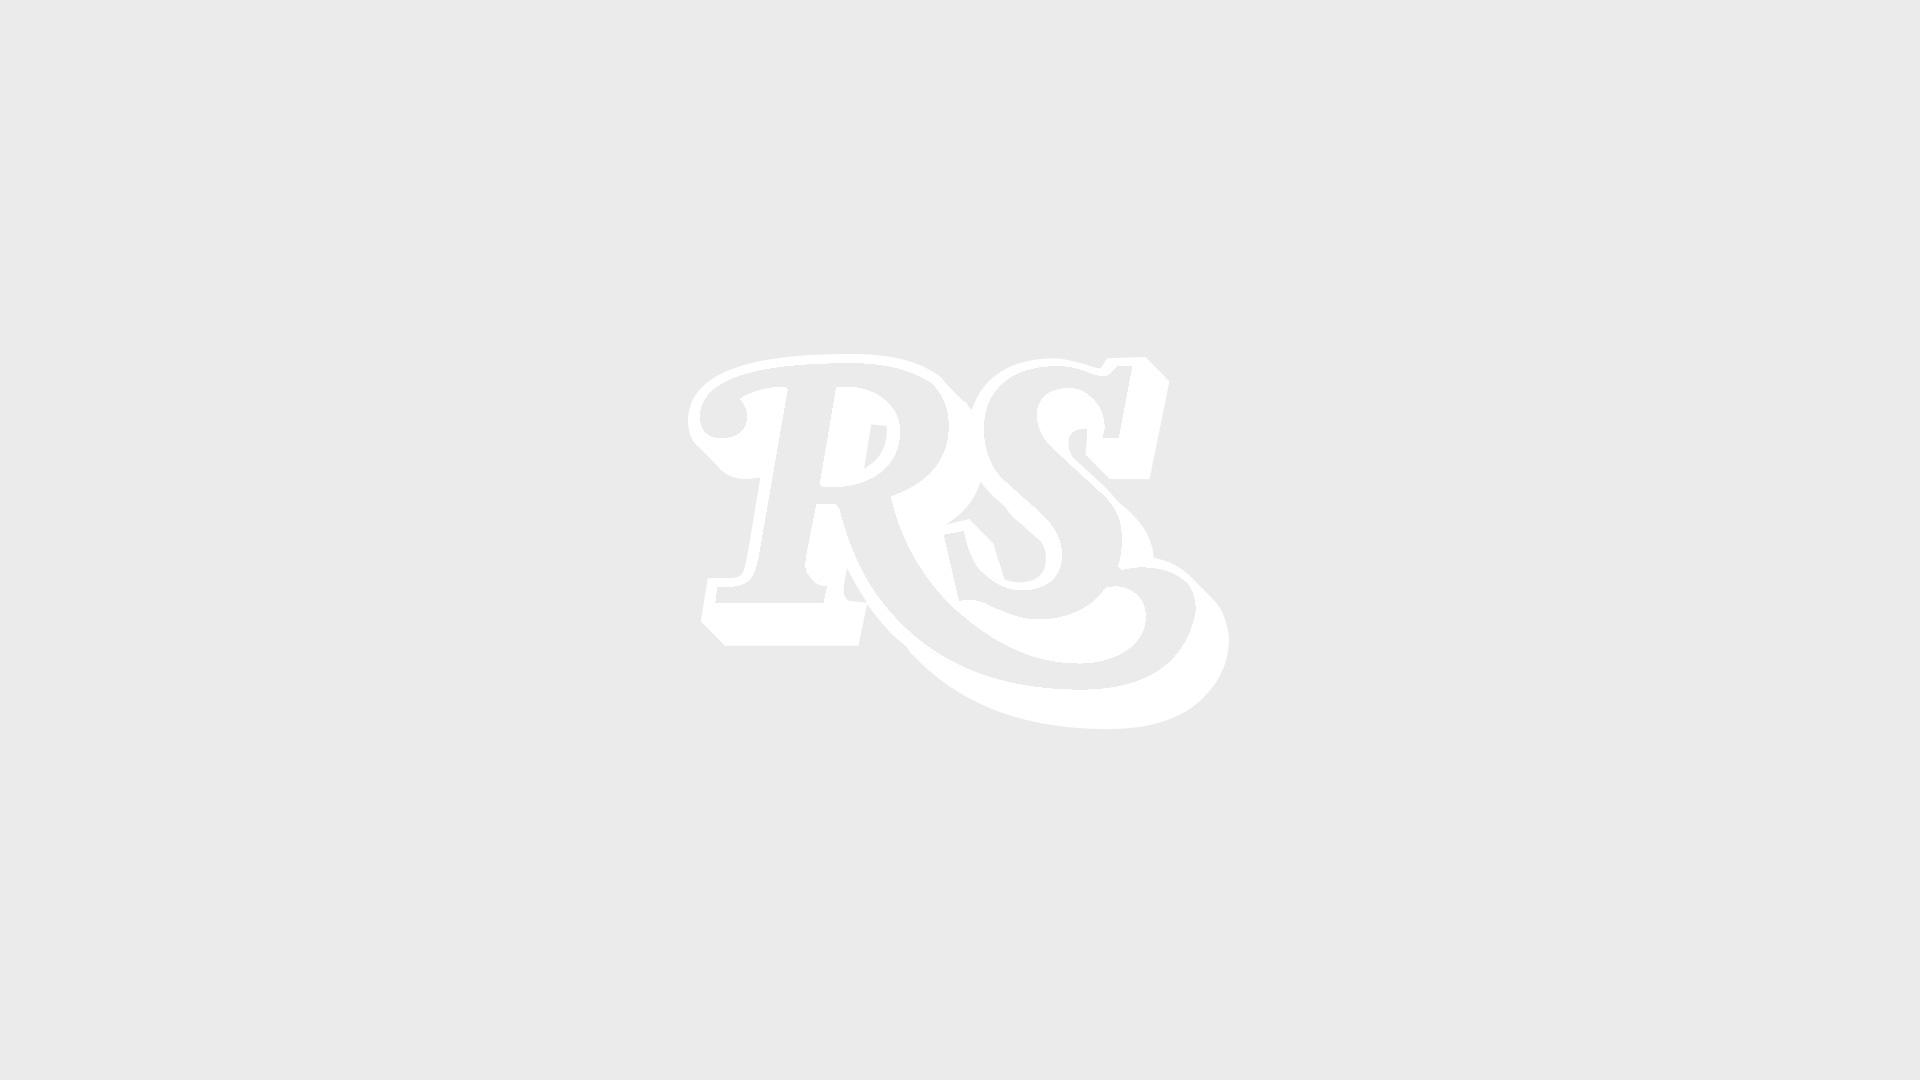 John Boyega, Daisy Ridley und Oscar Isaac - Die Hauptdarsteller des neuen Star Wars Films